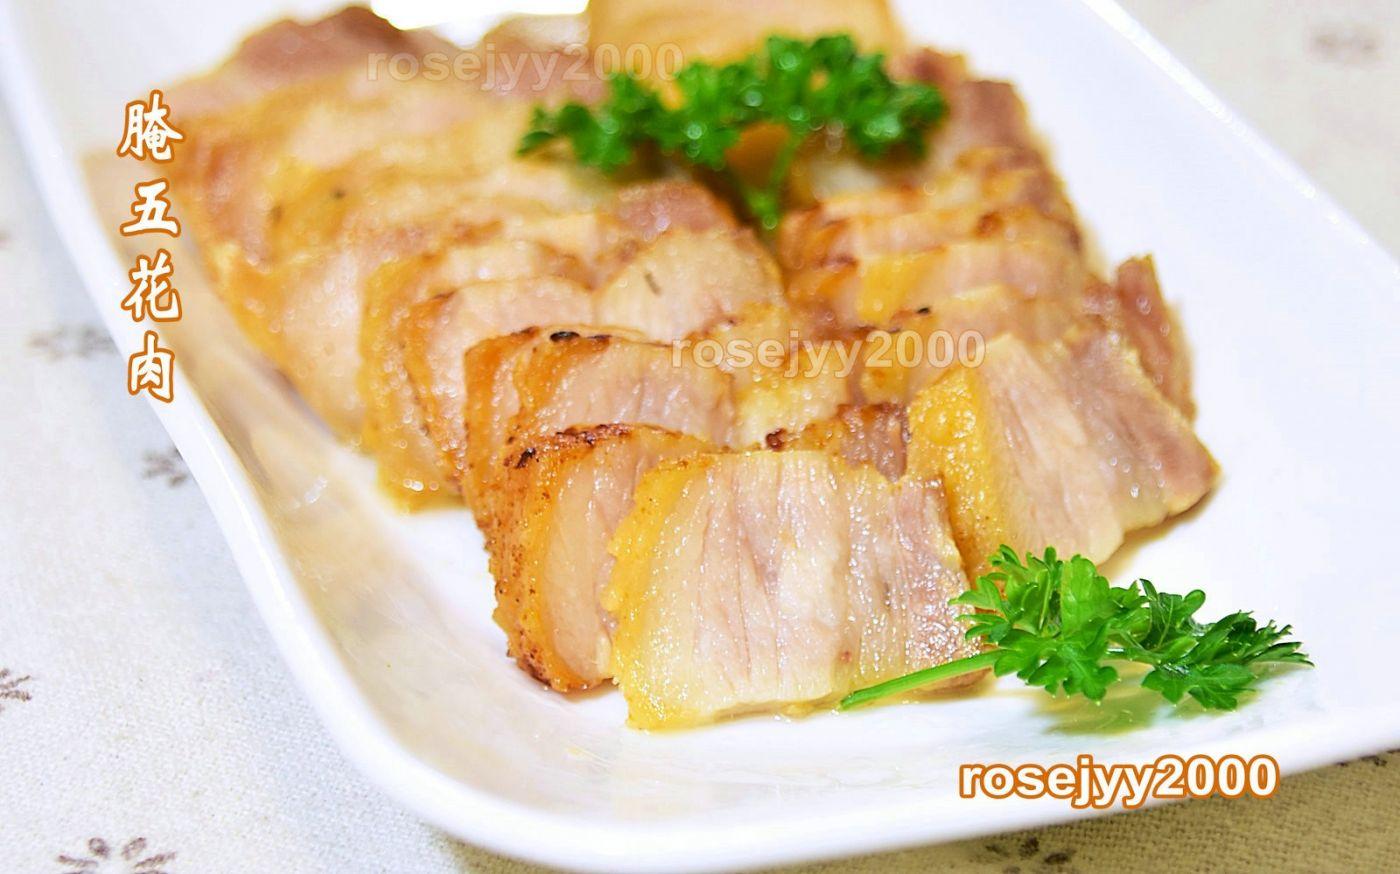 海盐腌猪肉_图1-1